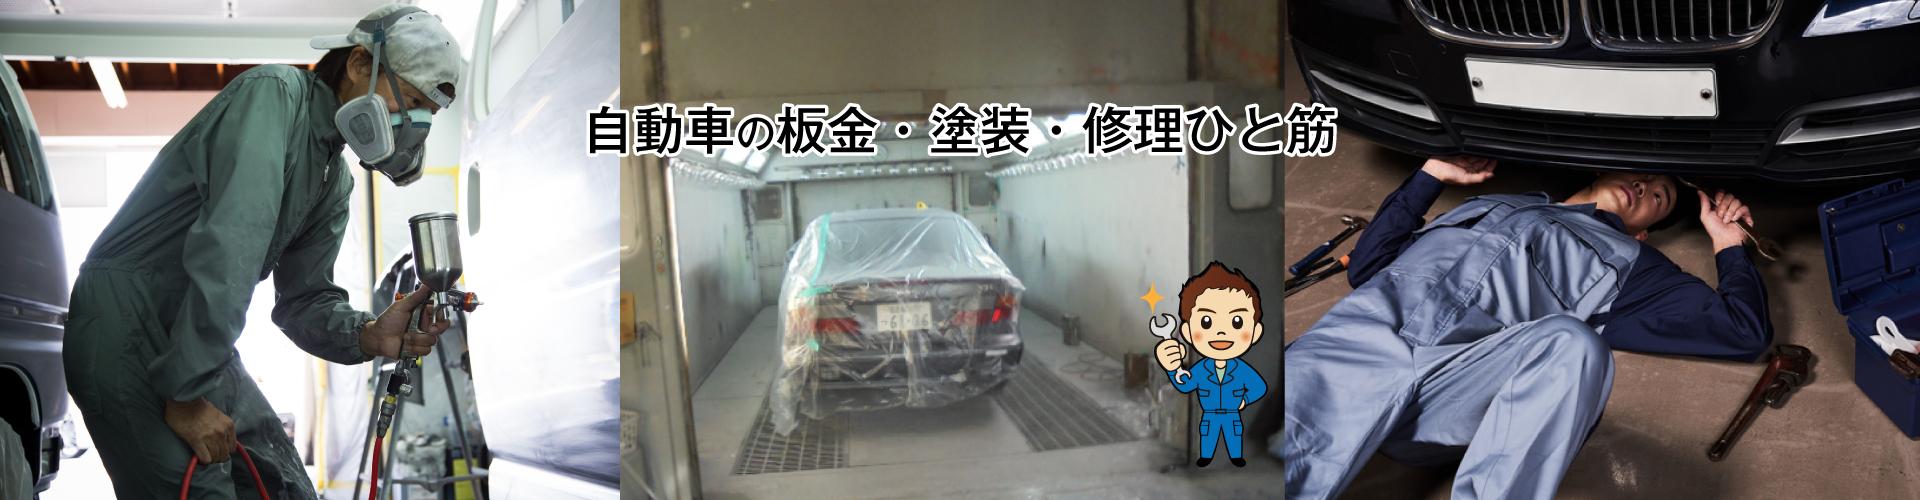 自動車の板金・塗装・修理ひと筋